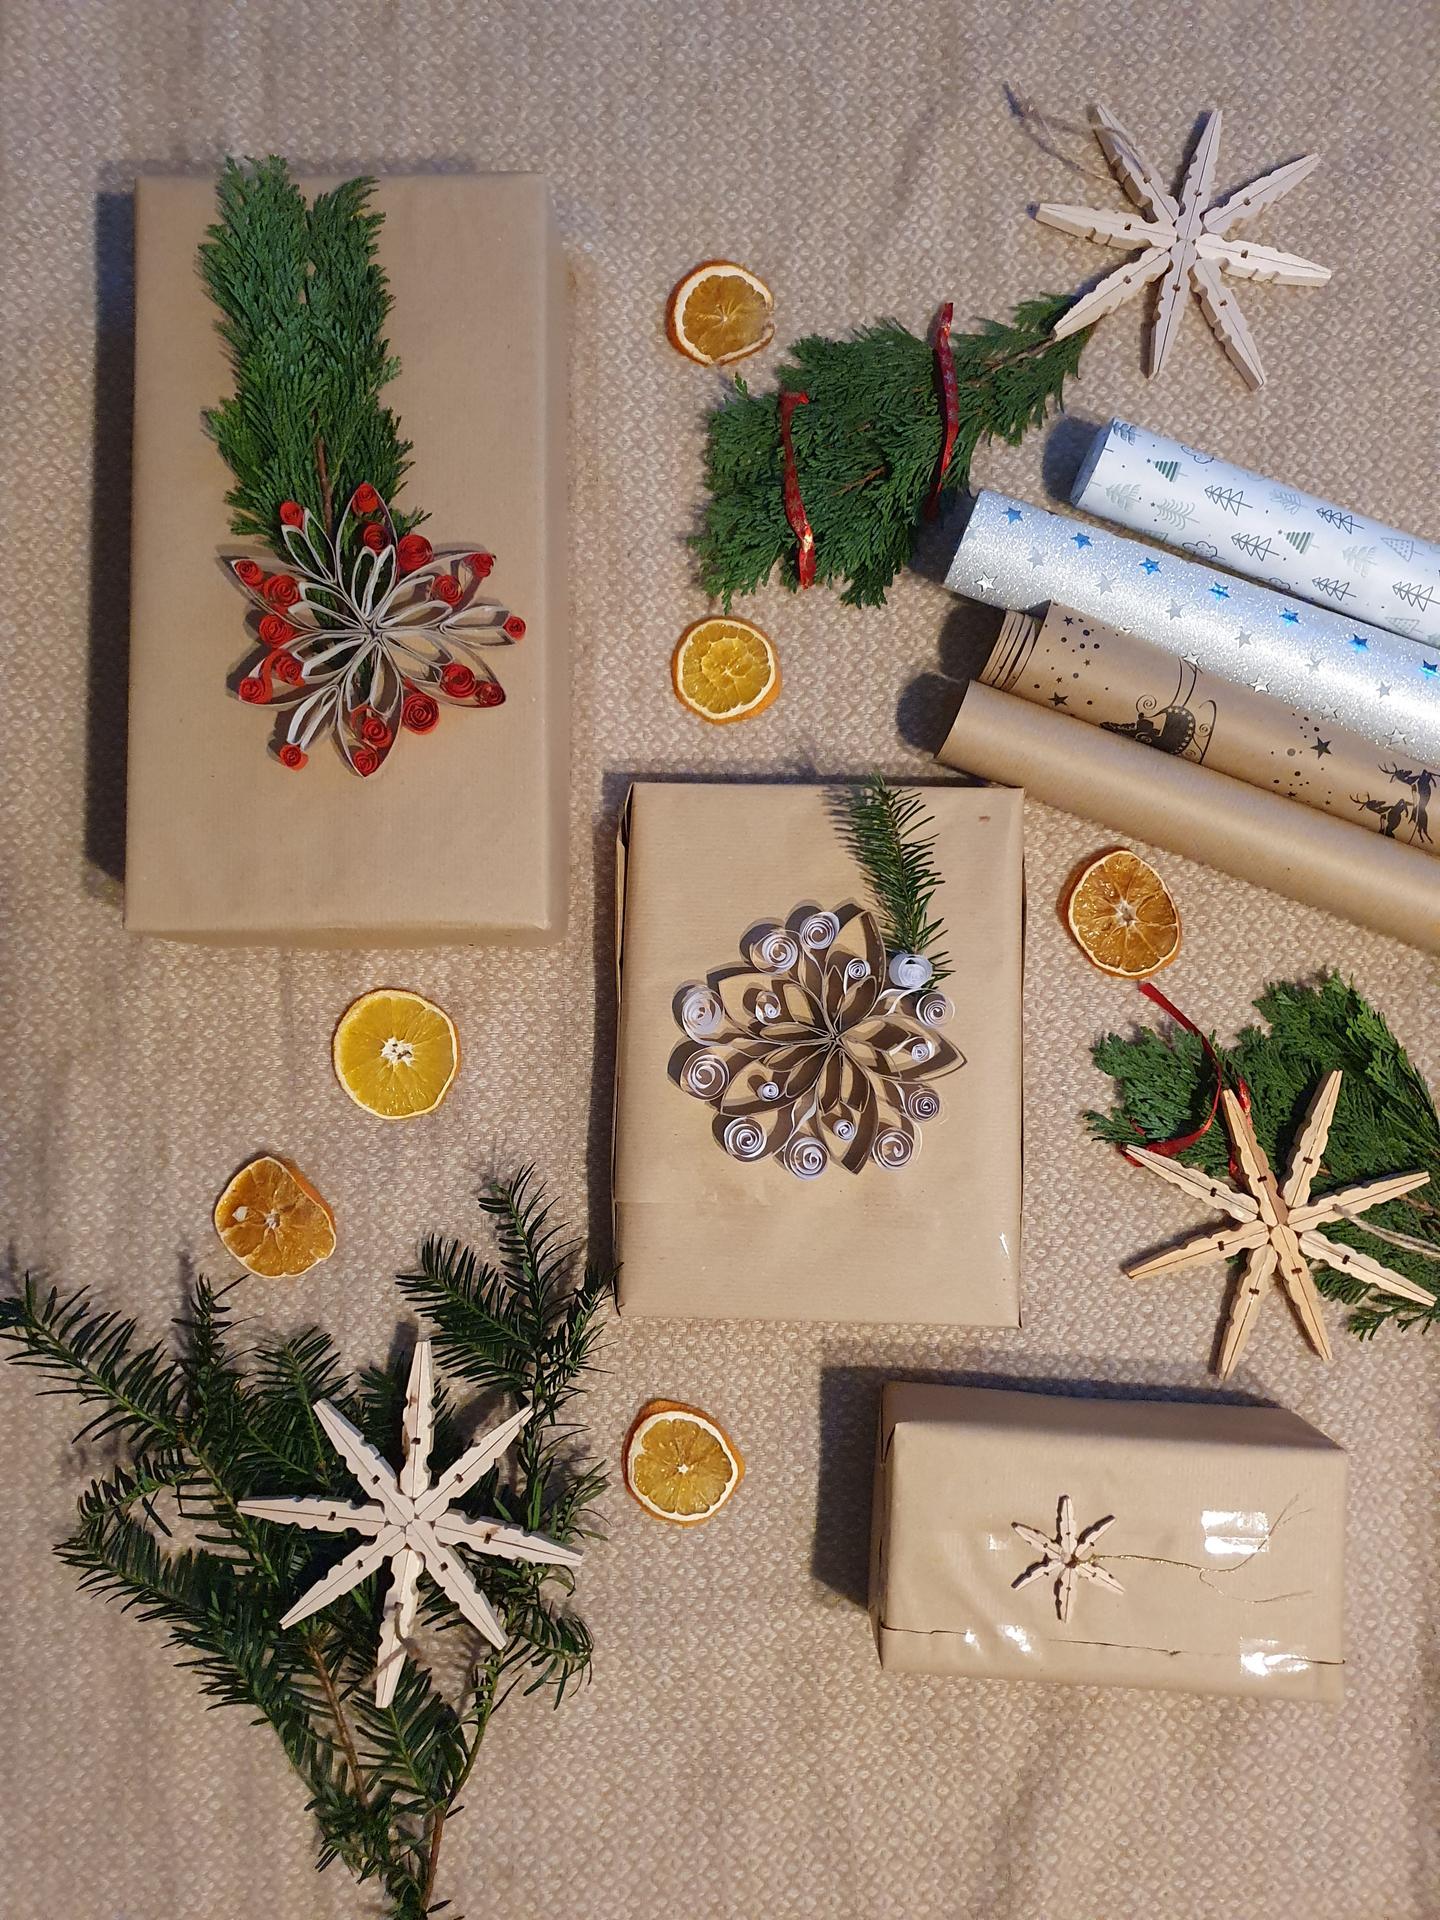 Vianočné dekorácie/Vianočná inšpirácia - Obrázok č. 24